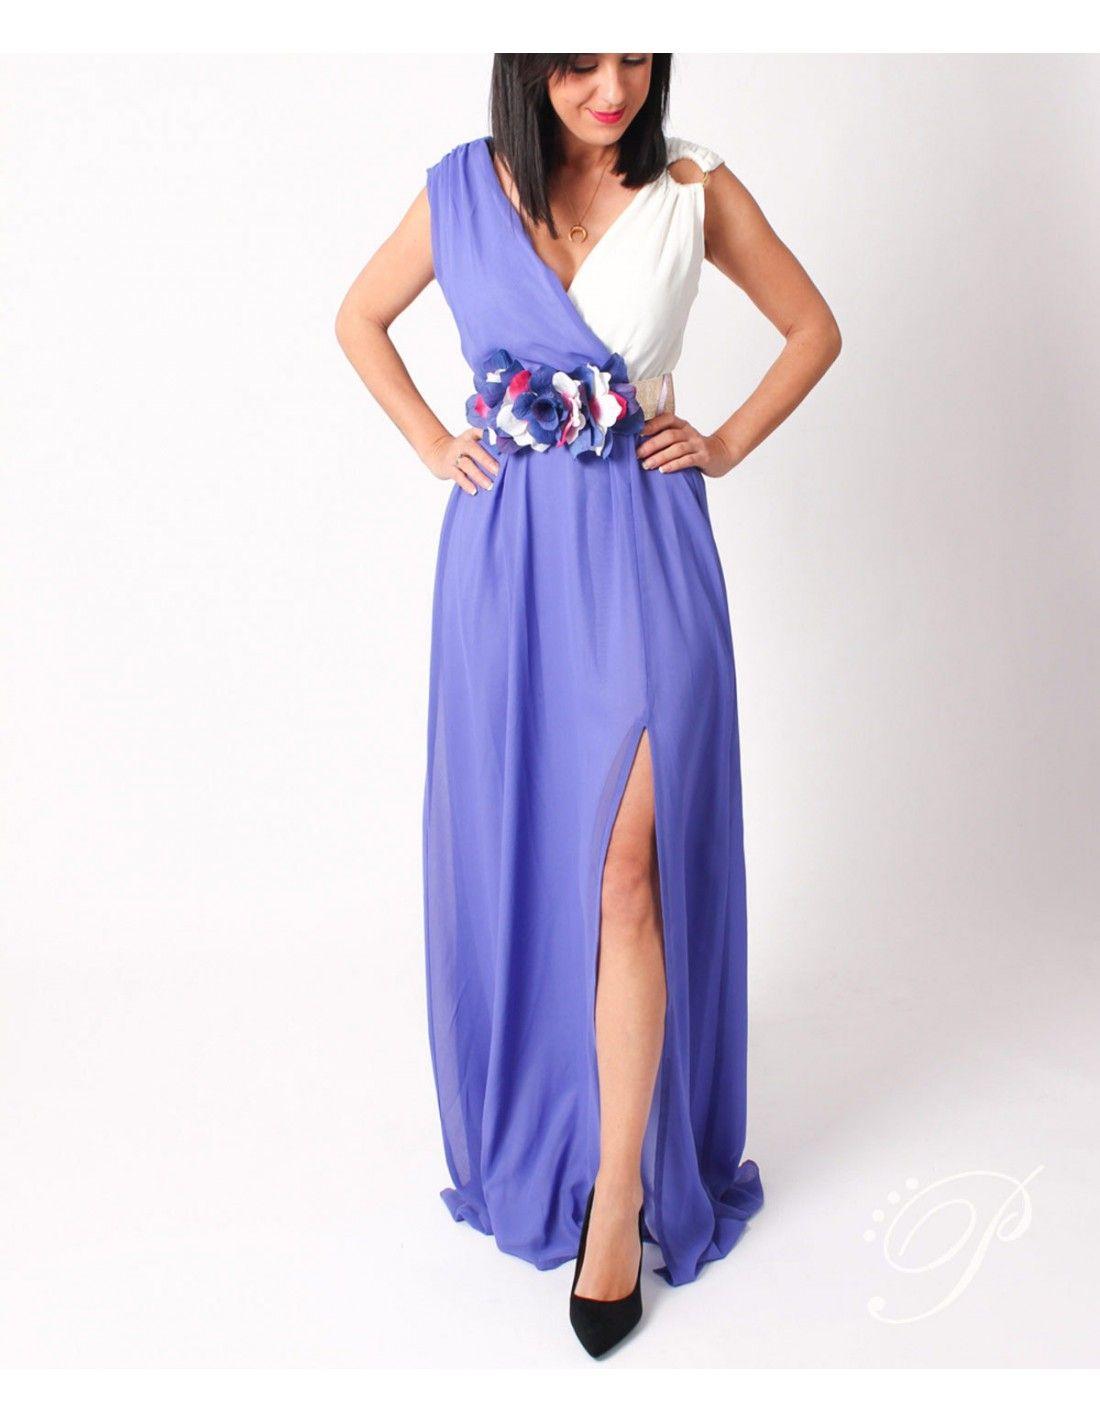 75cccb71bf531 Vestido Flavia - Increíble vestido de gasa en 2 colores malva y blanco.  Lleva escote